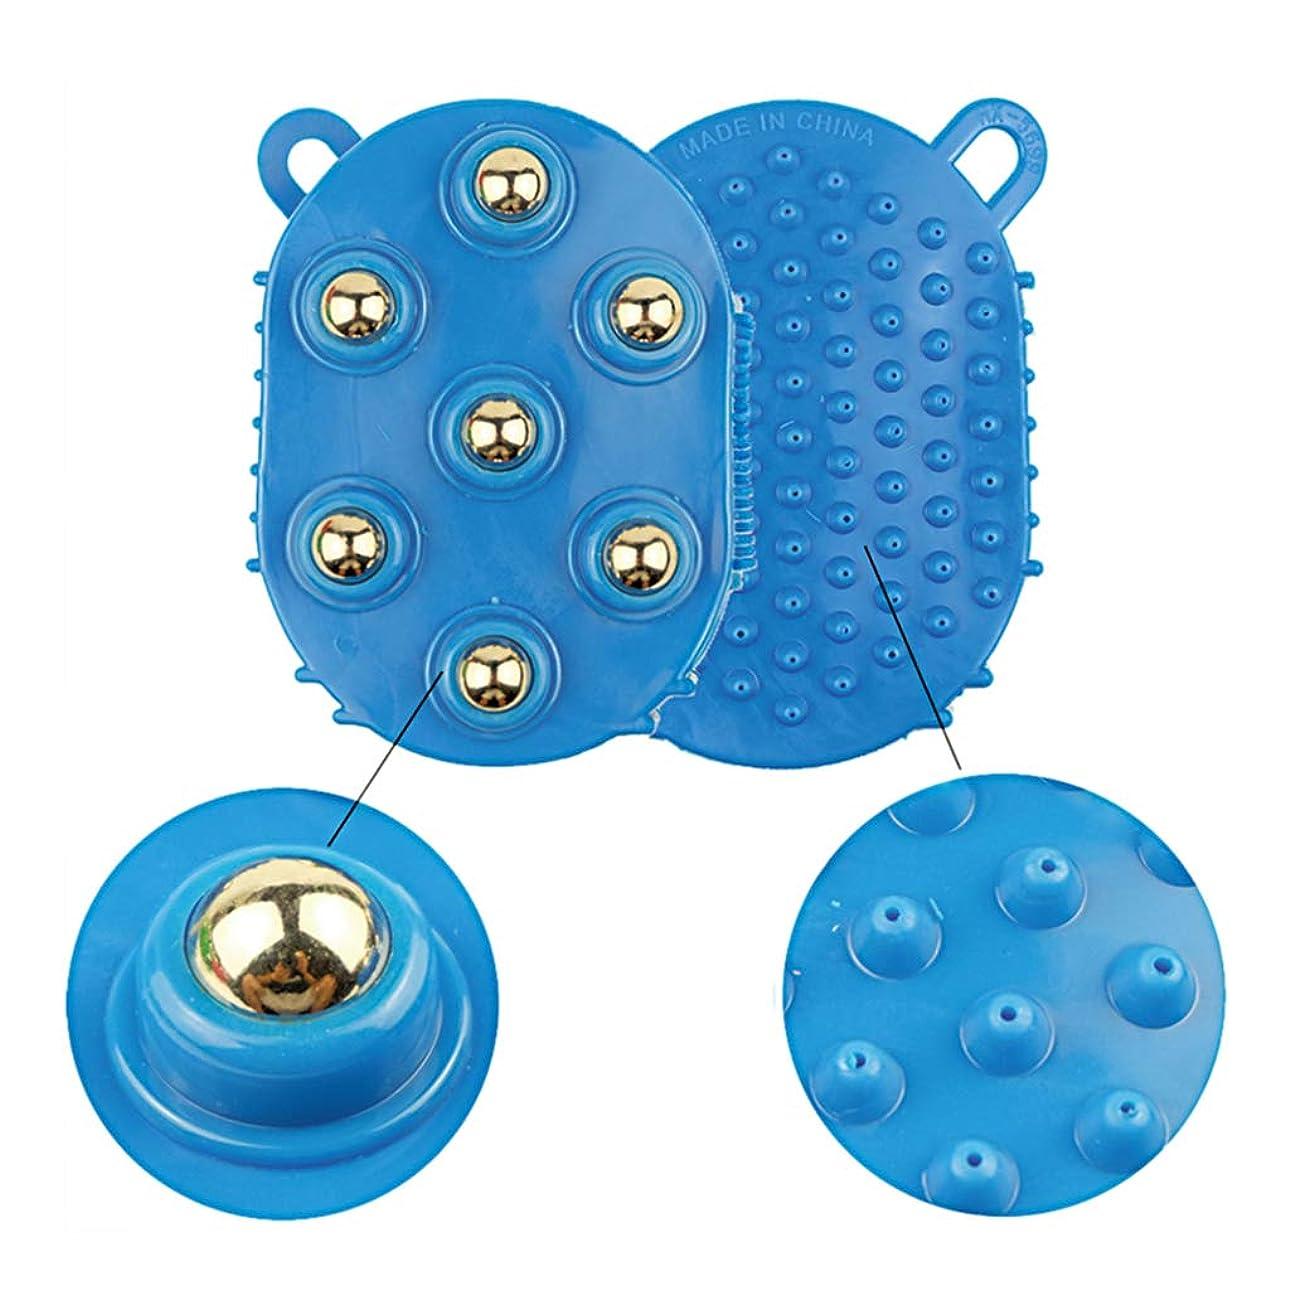 石自発的相対サイズ360度スピン7ピーススチールボールローラー痩身ボディマッサージブラシバスで洗うディープティッシュマッサージボールスパイク付き(1パック),Blue